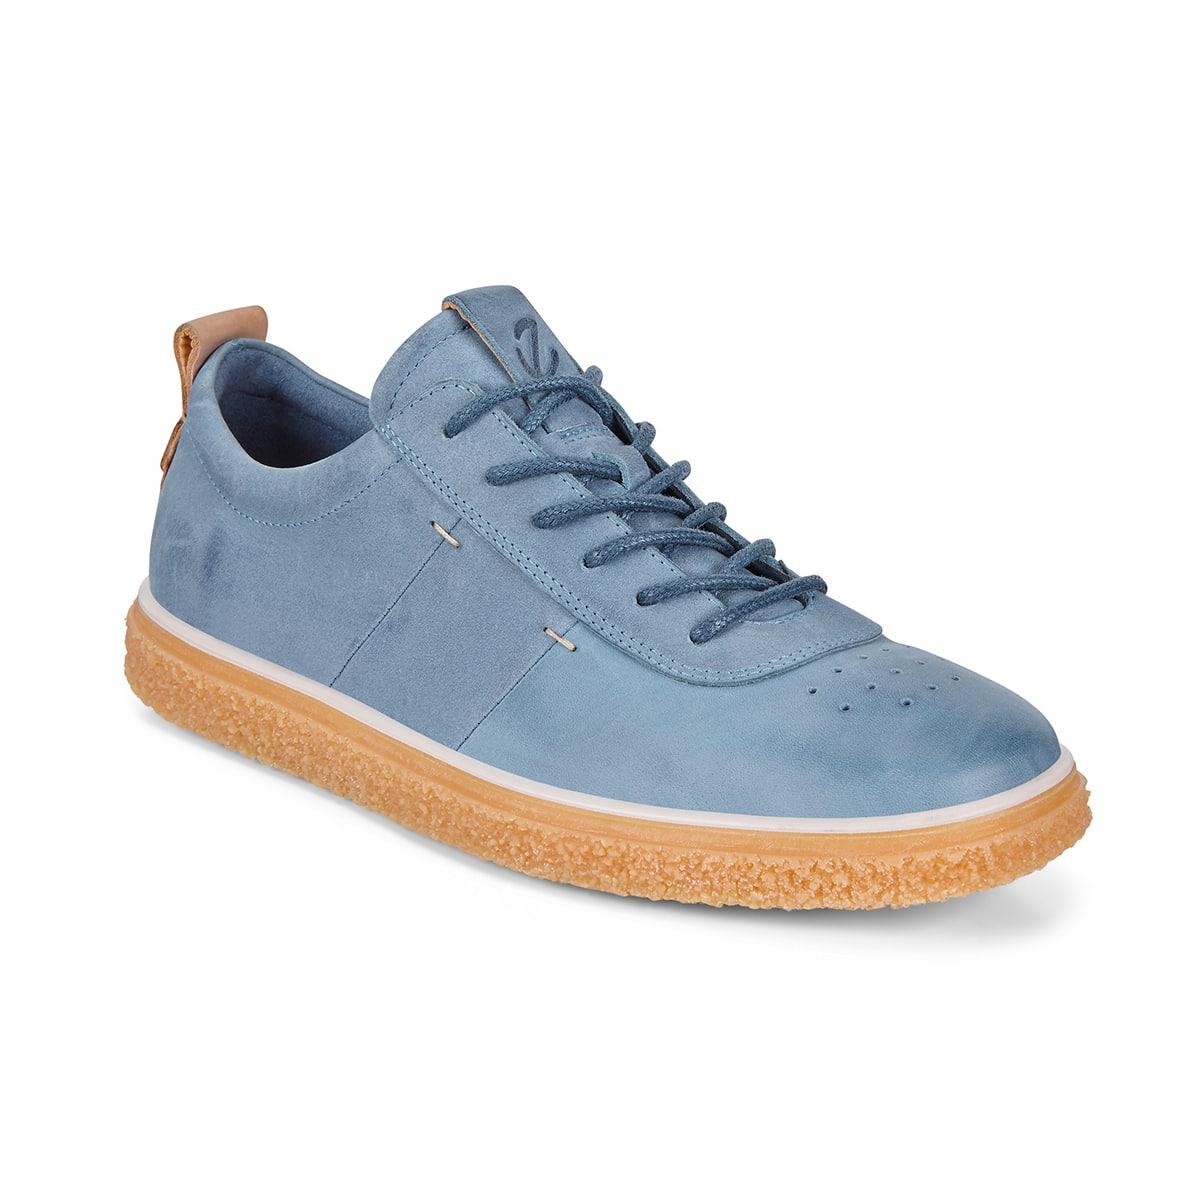 5b6628db2cf5 ECCO CREPETRAY LADIES - 121 Shoes